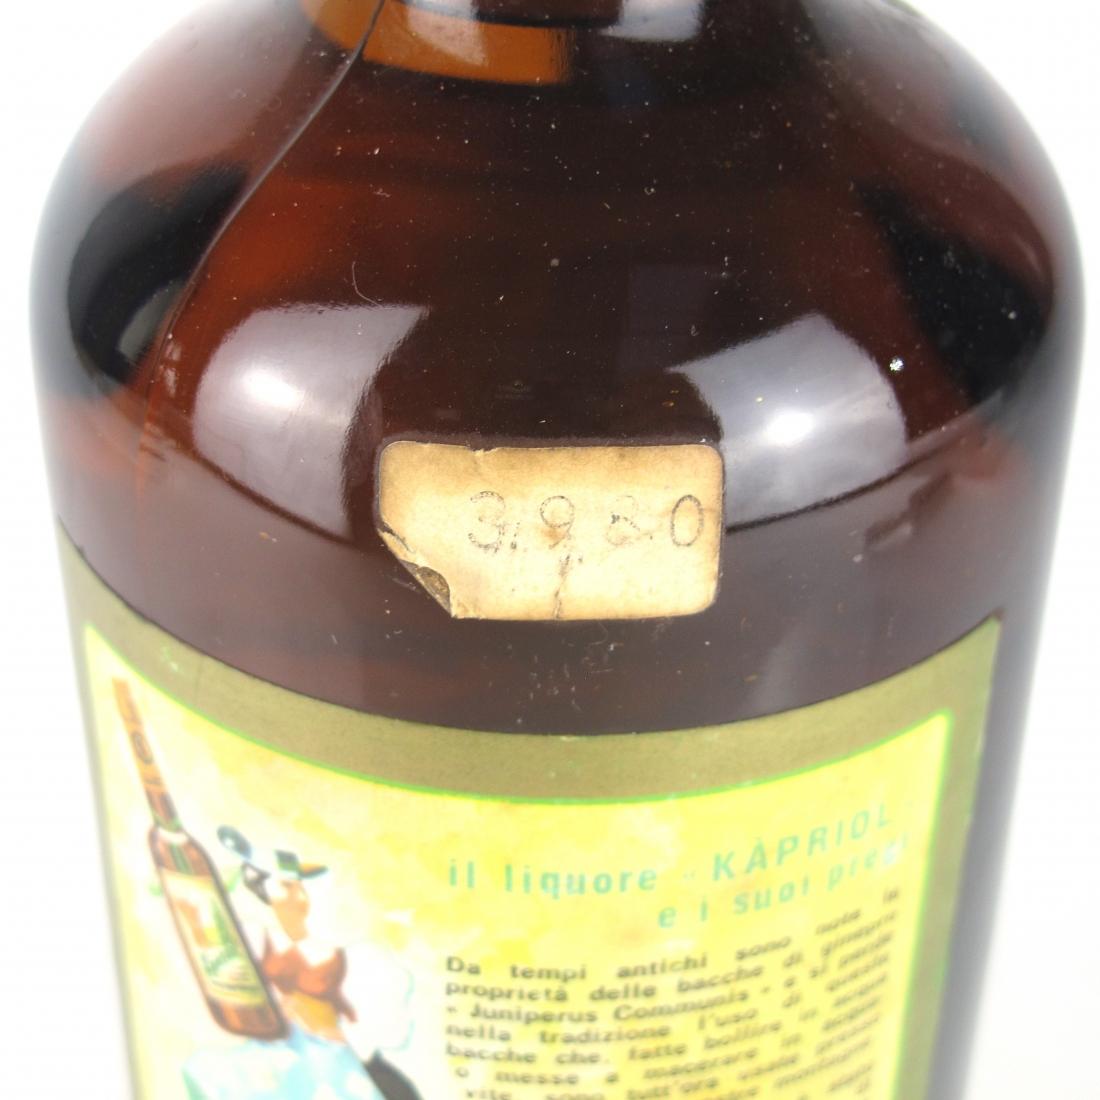 Kapriol Alpine Liqueur